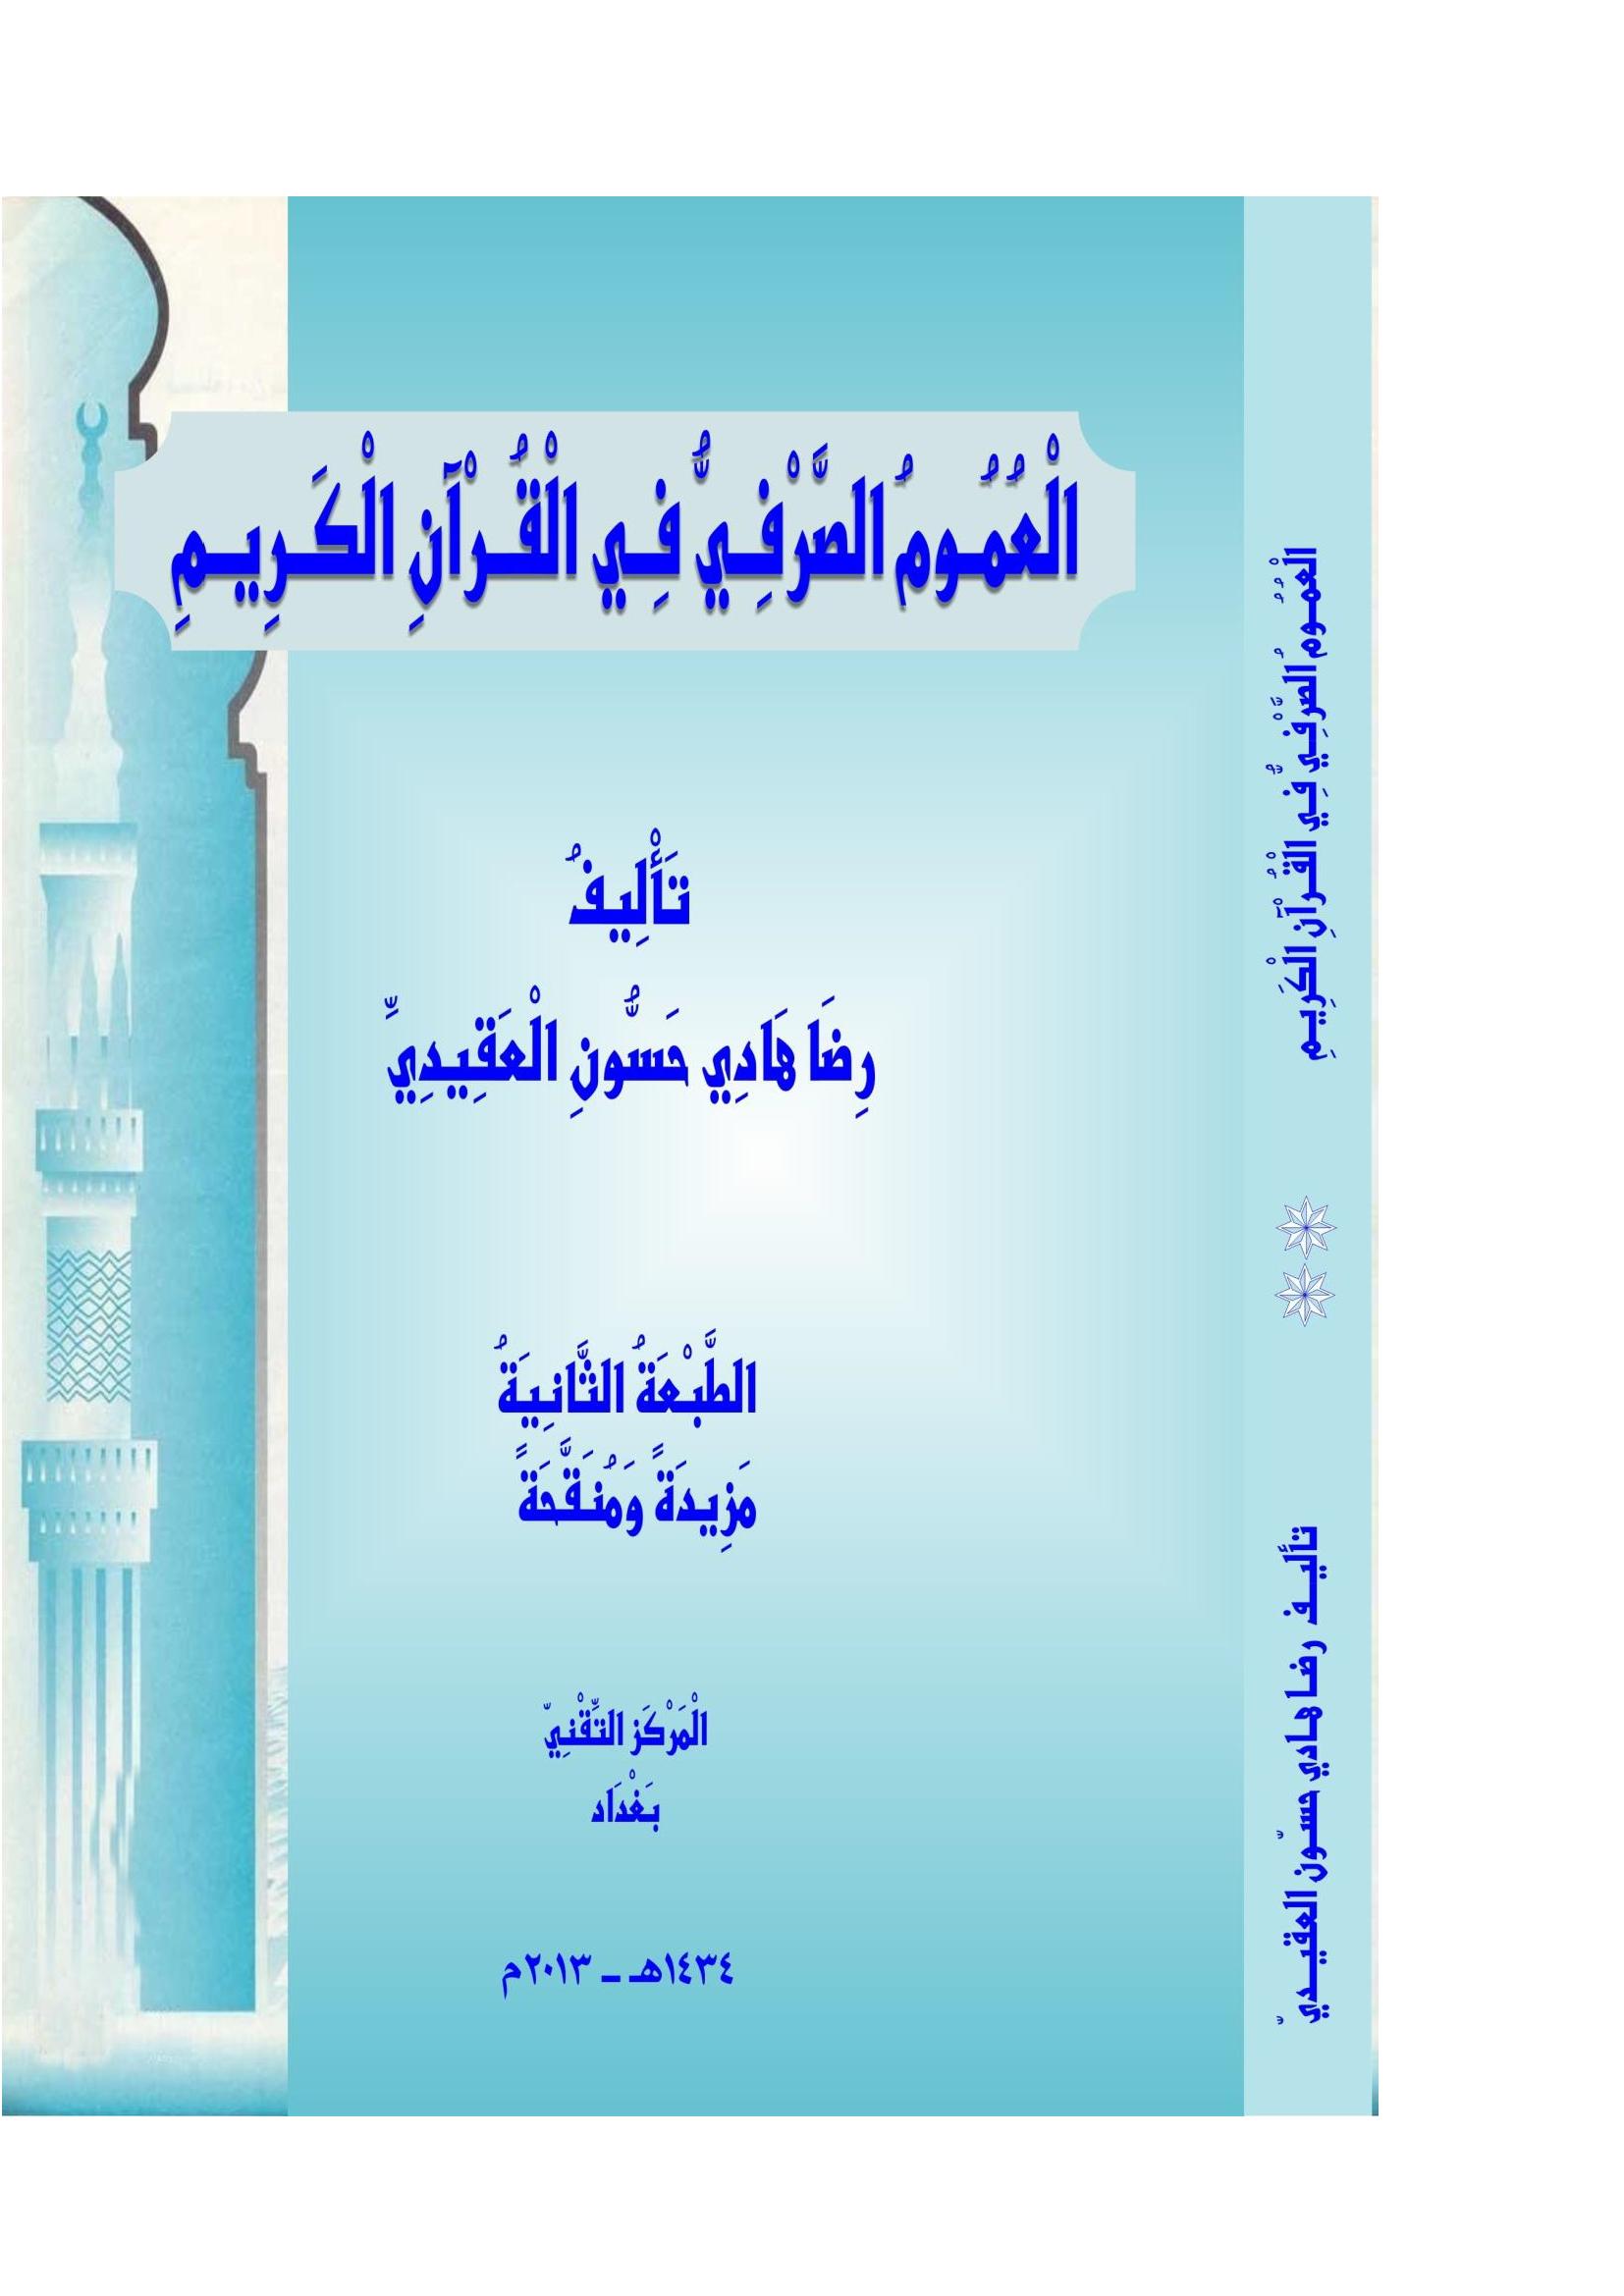 تحميل كتاب العموم الصرفي في القرآن الكريم لـِ: رضا هادي حسون العقيدي